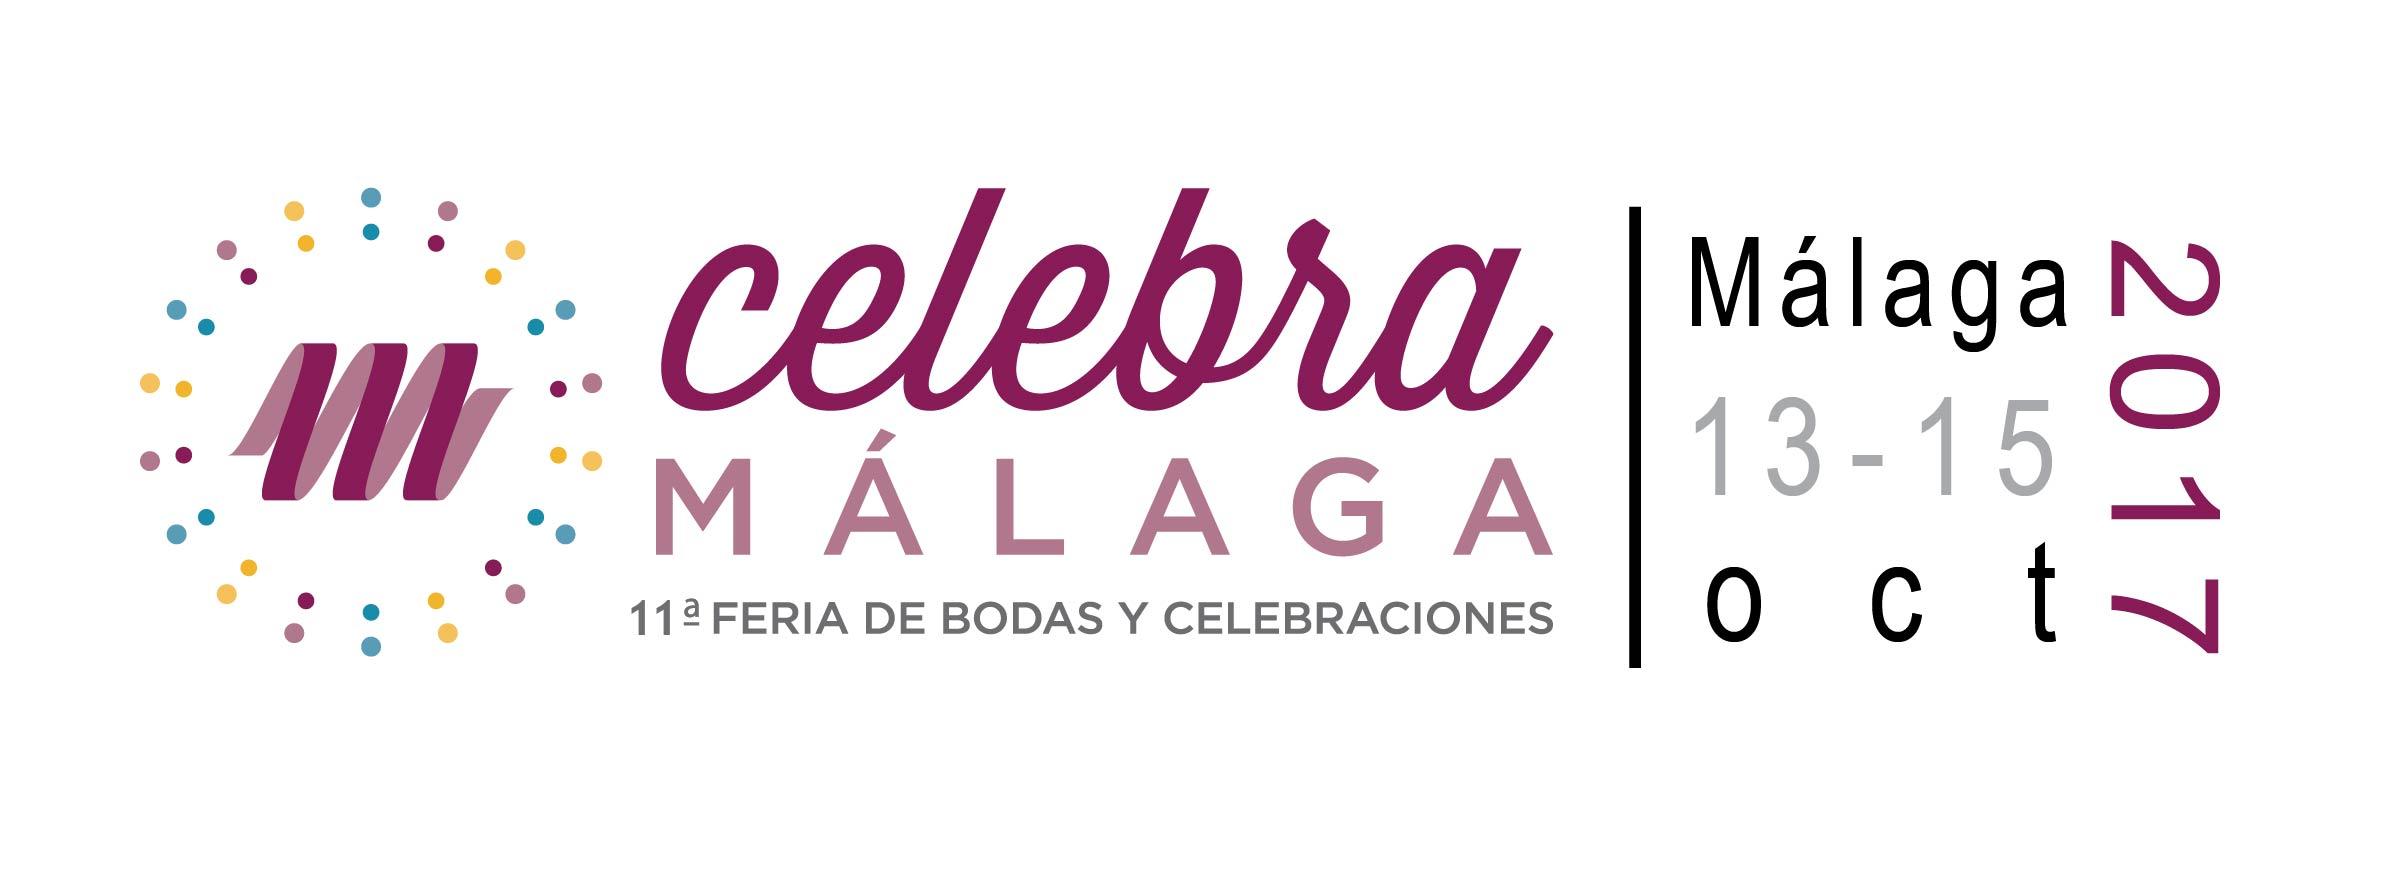 Franc Sarabia, diseñador invitado de la pasarela de Celebra Málaga